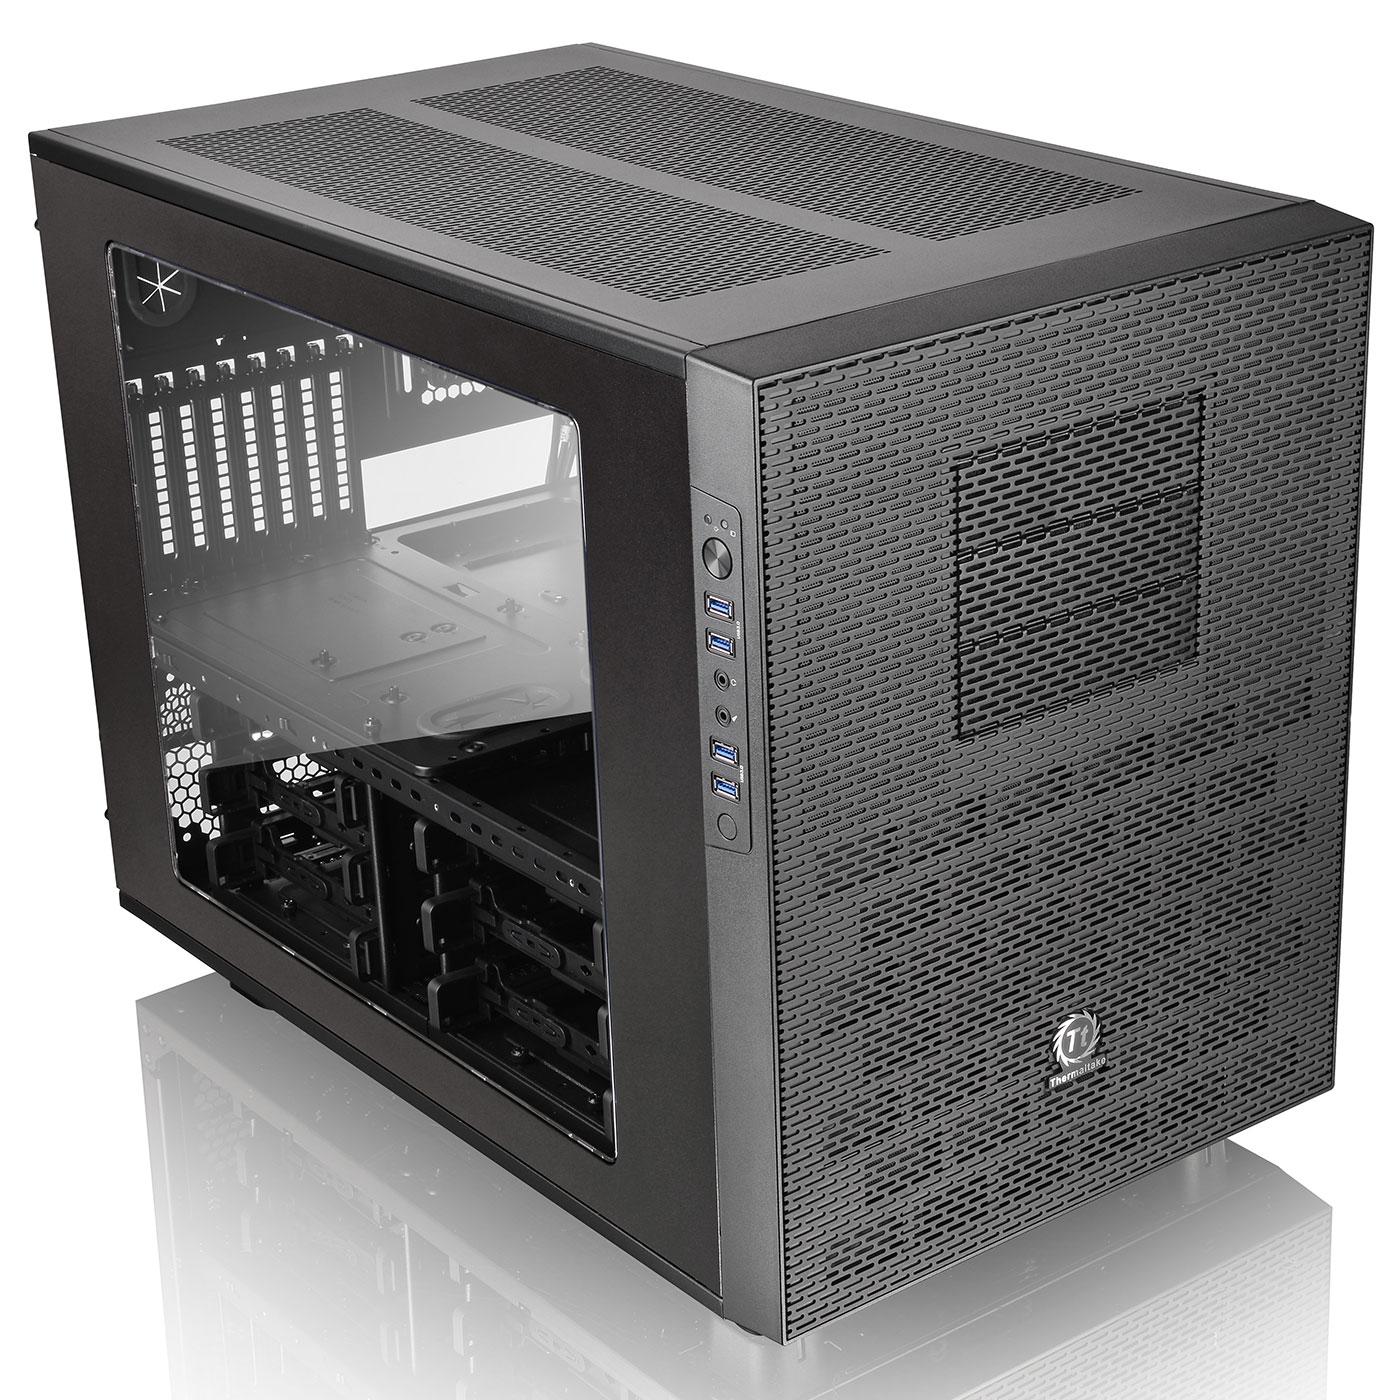 Thermaltake Core X9 Noir Noir - Boîtier PC Thermaltake - 0